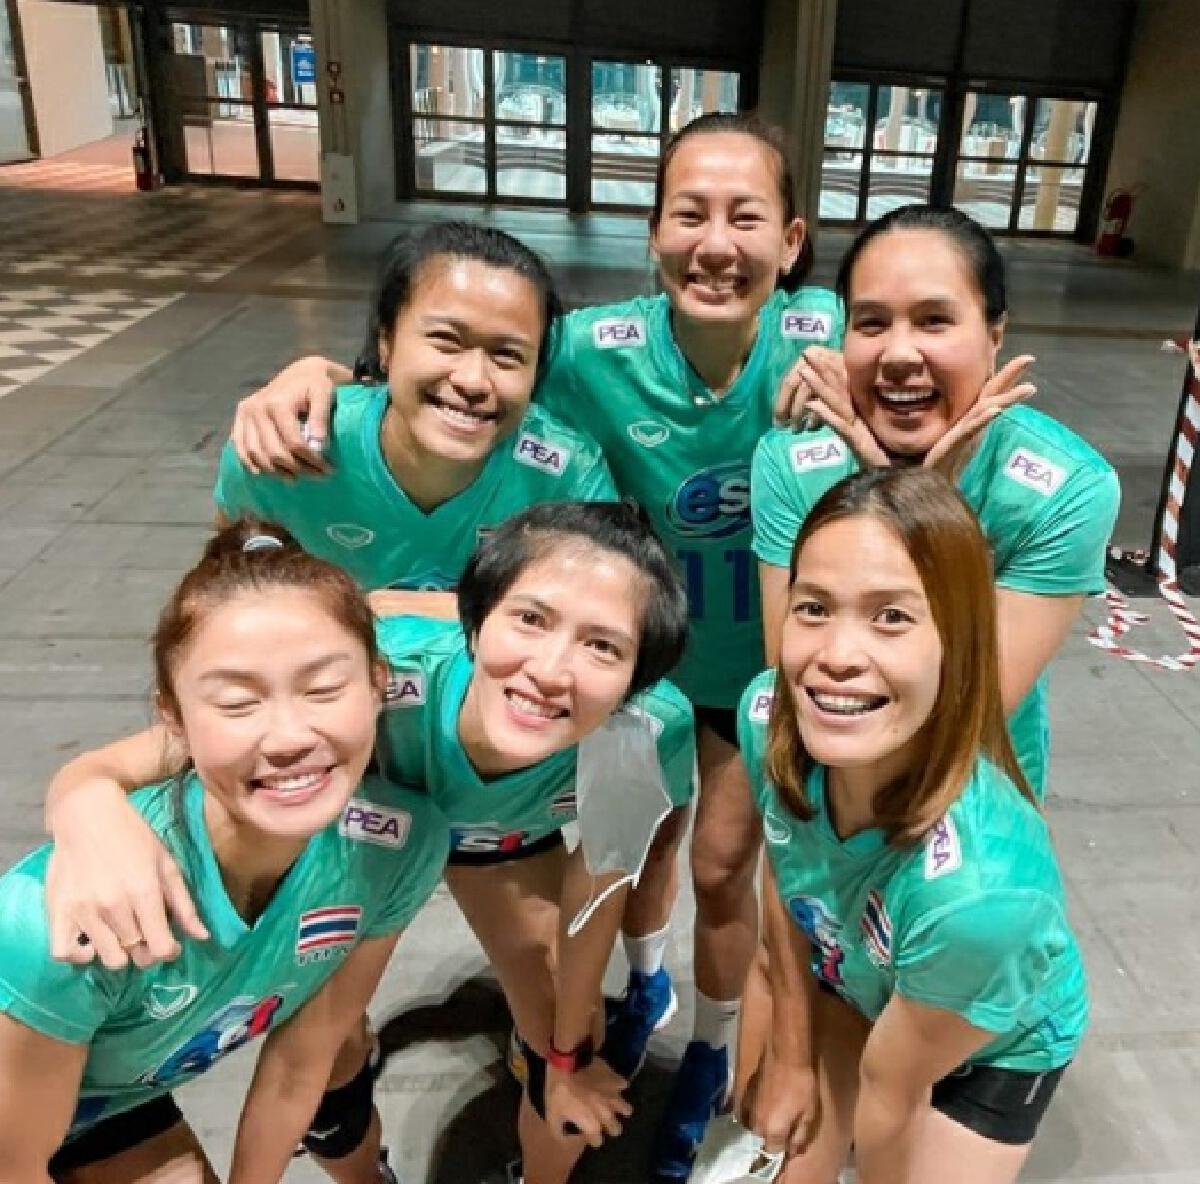 6 เซียนตบสาวไทย อำลา นักวอลเลย์บอลทีมชาติไทย